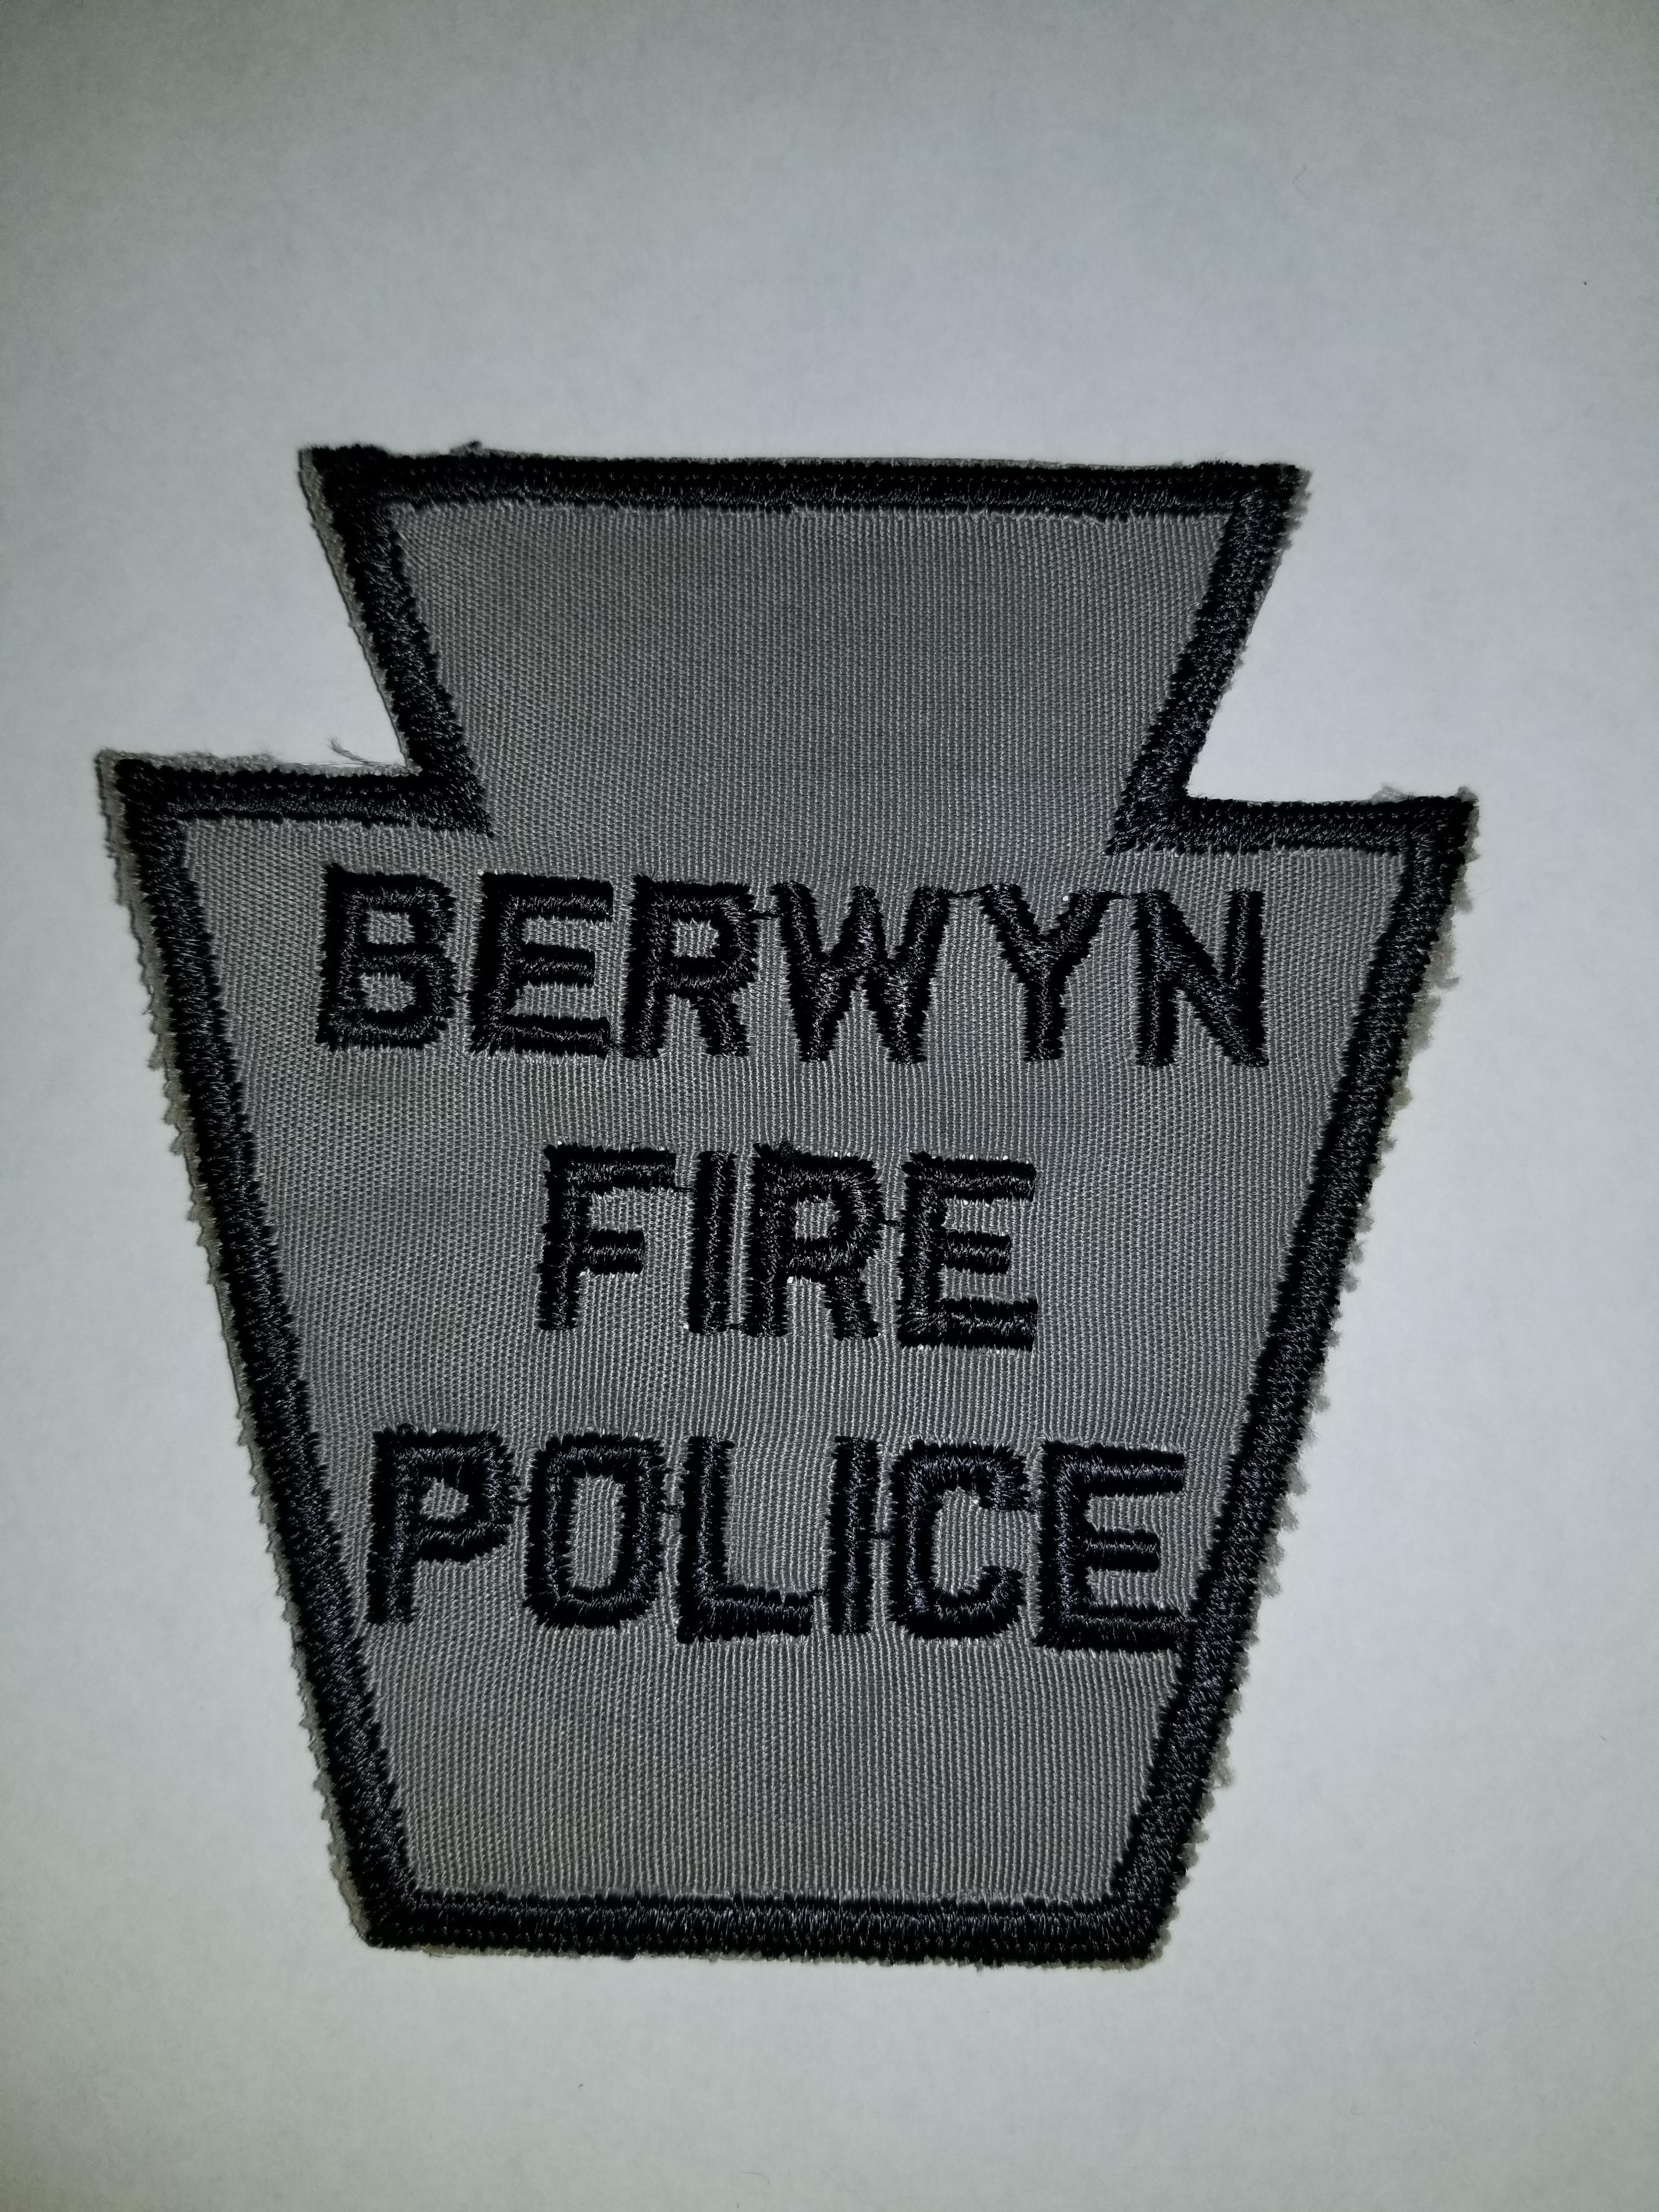 Berwyn PA Fire Police